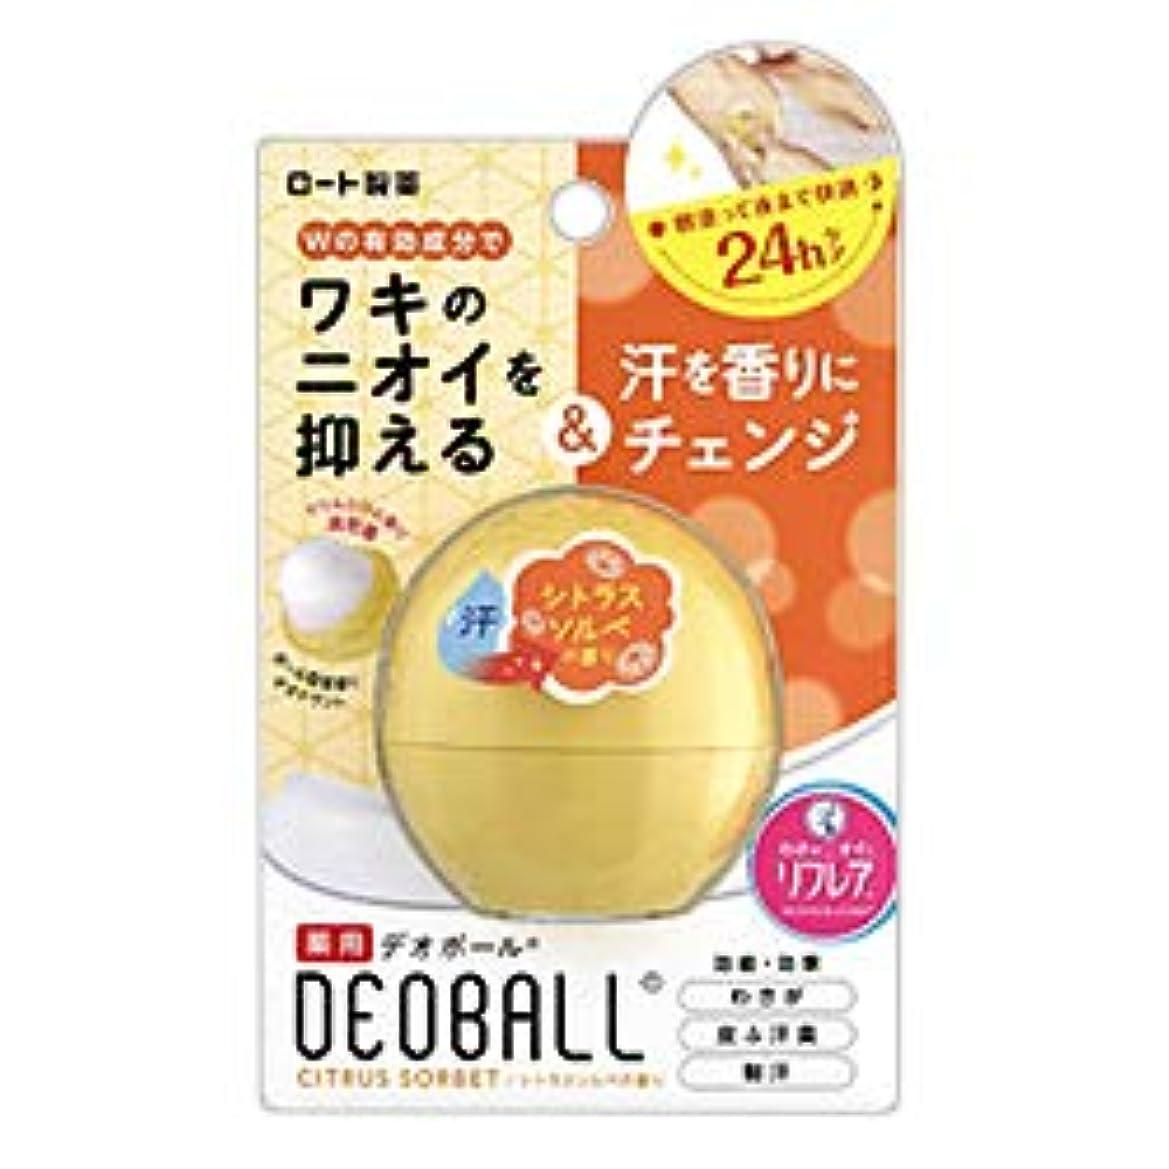 ロビー相反する迫害する【ロート製薬】デオボール シトラスソルベの香り(黄) 15g(医薬部以外品) ×10個セット